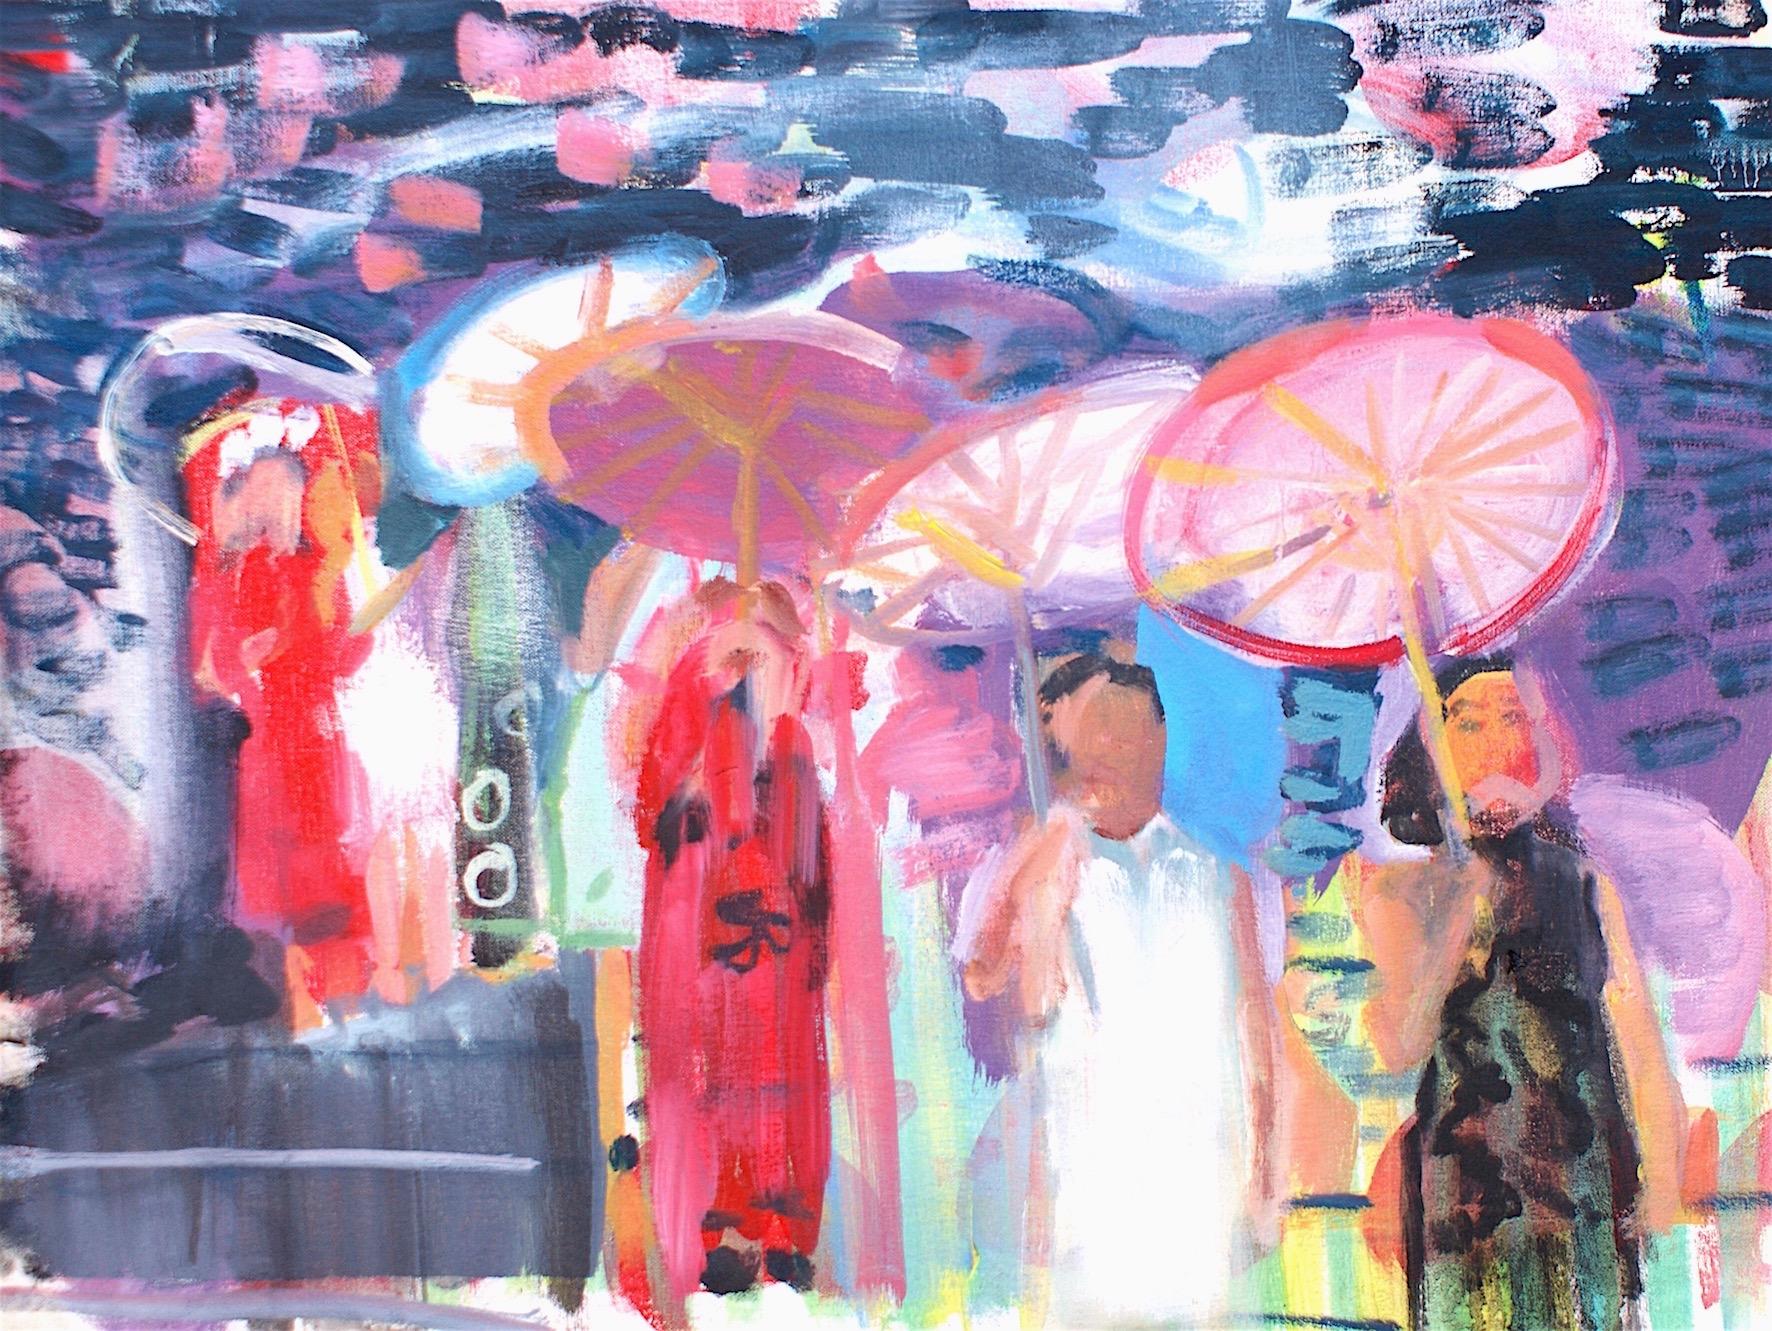 Parasol, oil on canvas, 42 x 48cm (2018)